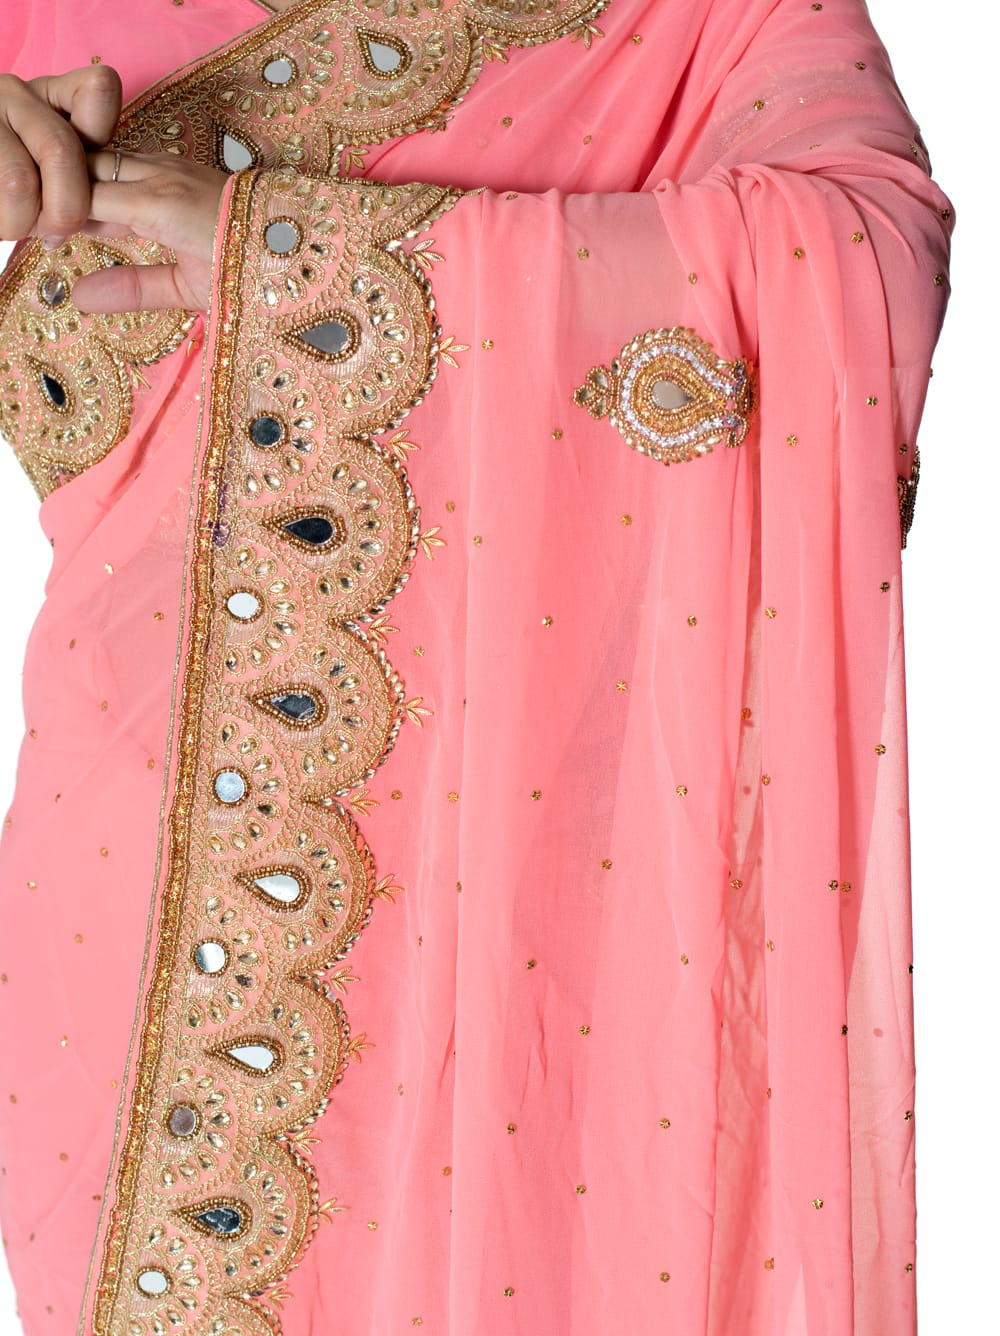 【一点物】ミラーワークと刺繍の婚礼用ゴージャス ジョーゼットサリー【チョリ付き】 - ピンク 6 - とても綺麗なサリーです